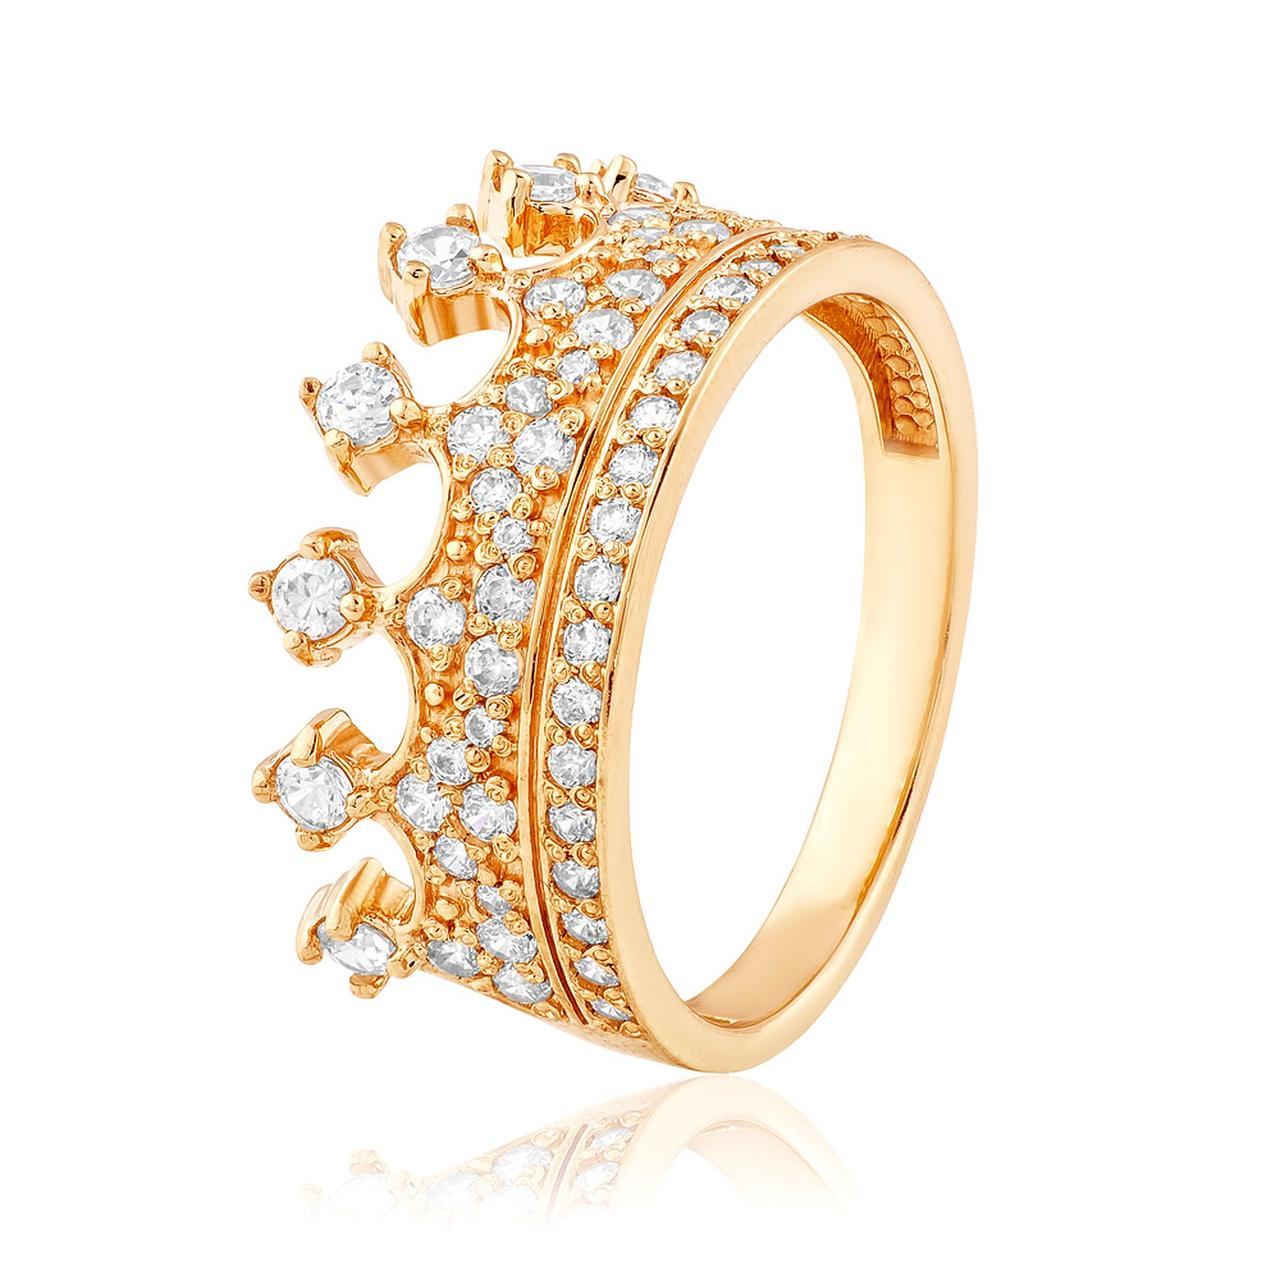 Золотое кольцо с куб. циркониями, размер 16 (1509764)